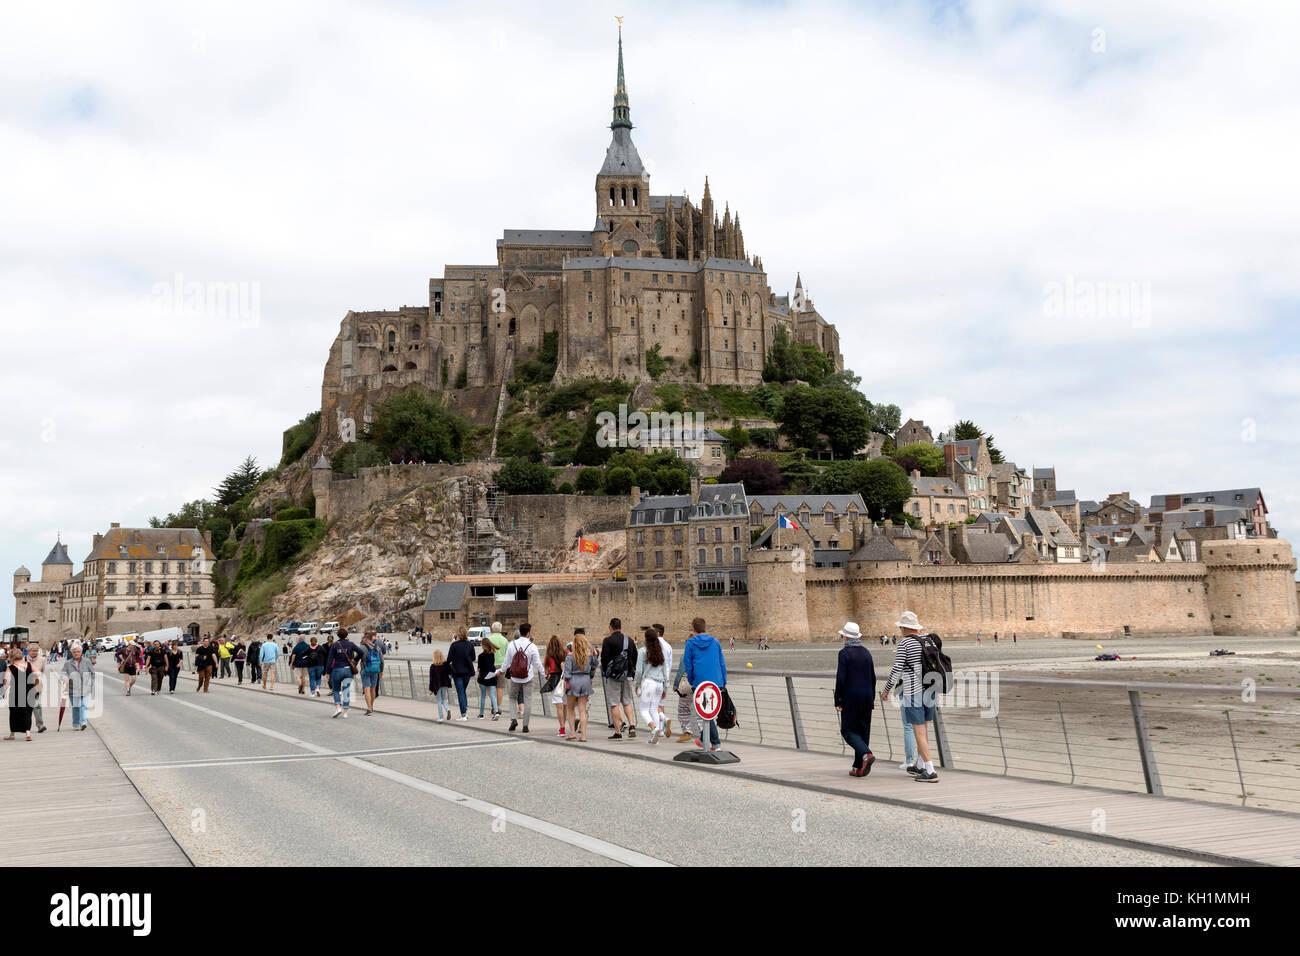 Mont Saint-Michel, Normandy, France - July 3, 2017: Tourists visiting island commune fortress Mont Saint-Michel Stock Photo